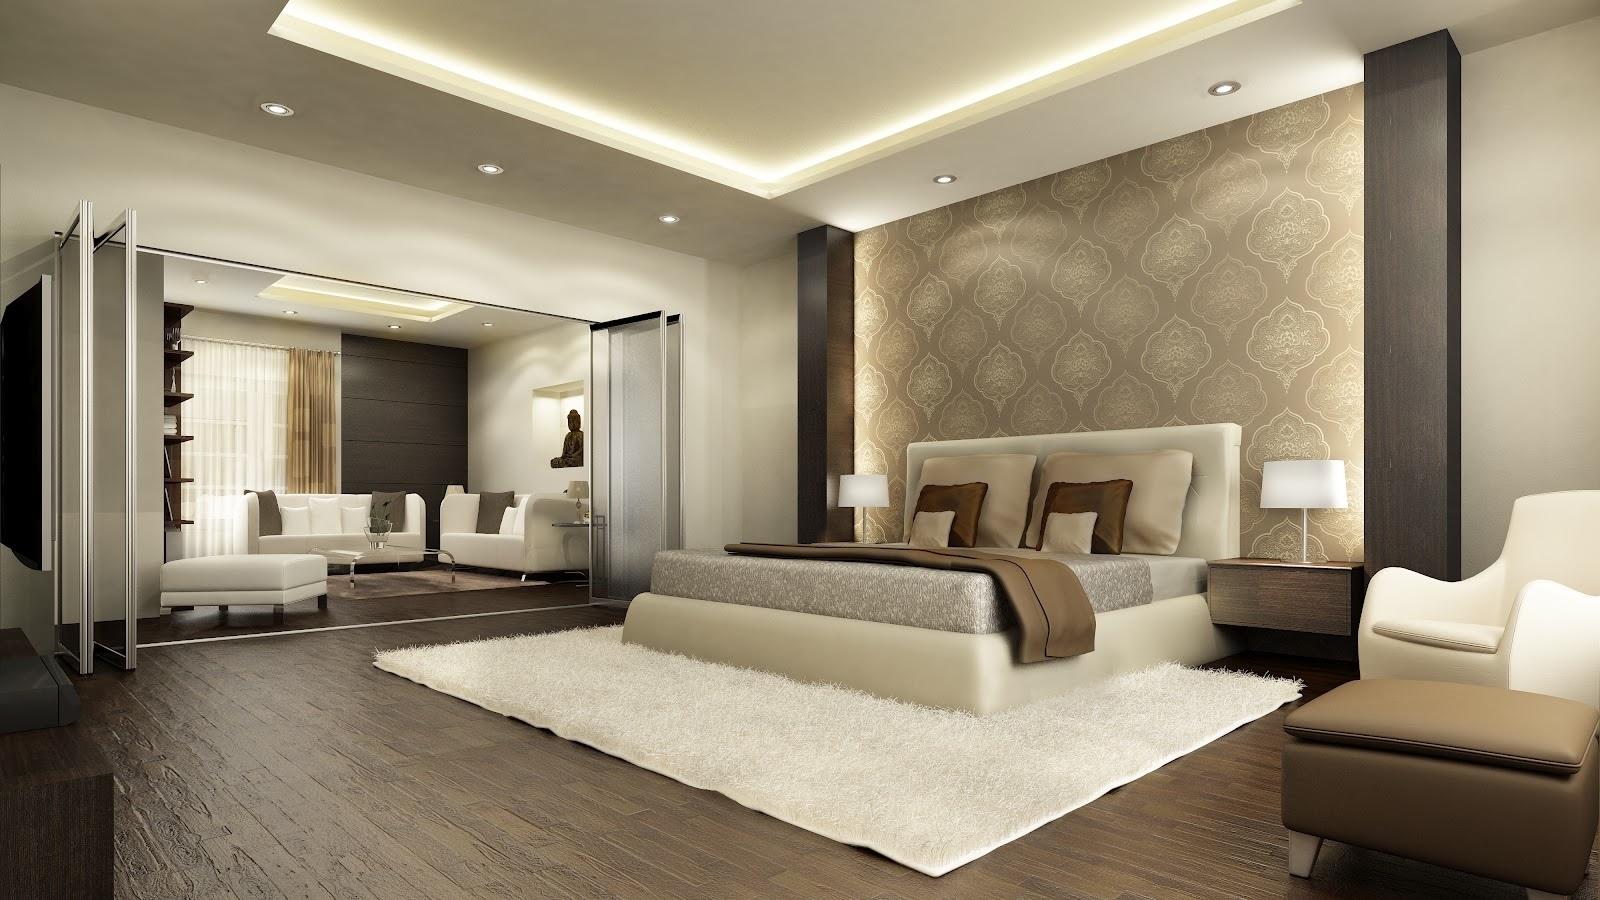 بالصور ديكورات غرف النوم الرئيسية , اختارى اجدد ديكورات لغرف نوم منزلك 5801 1